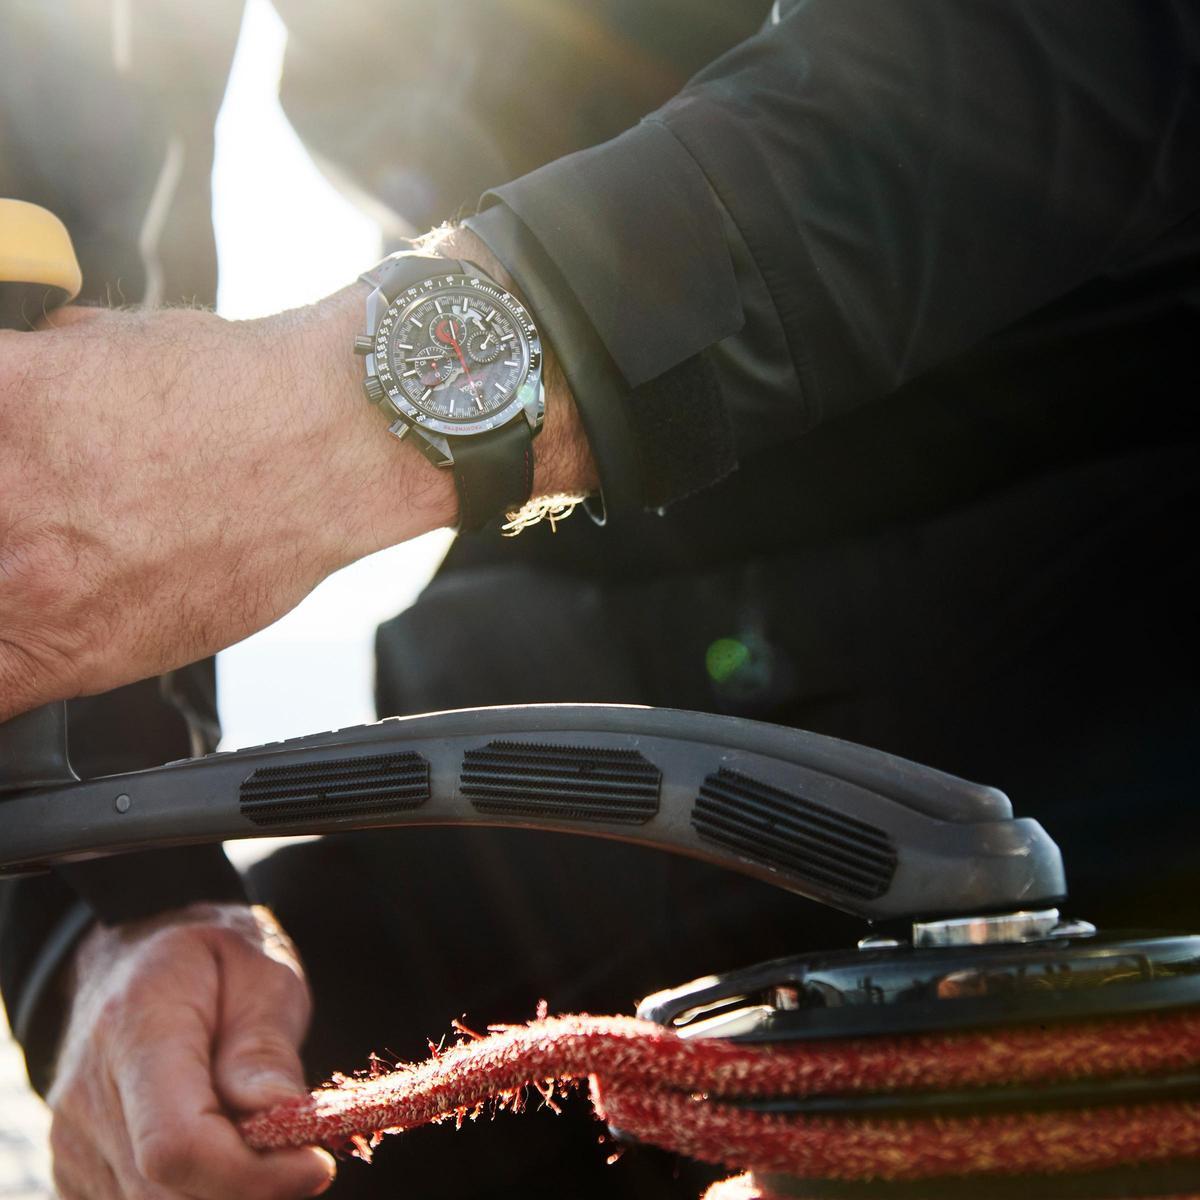 雖然是與ALINGHI帆船隊合作,但歐米茄反倒選擇以超霸月之暗面腕錶作為錶款基礎,把重心聚焦科技、材質與配色的對應,而非是海洋賽事主題中經常出現的潛水錶樣式。